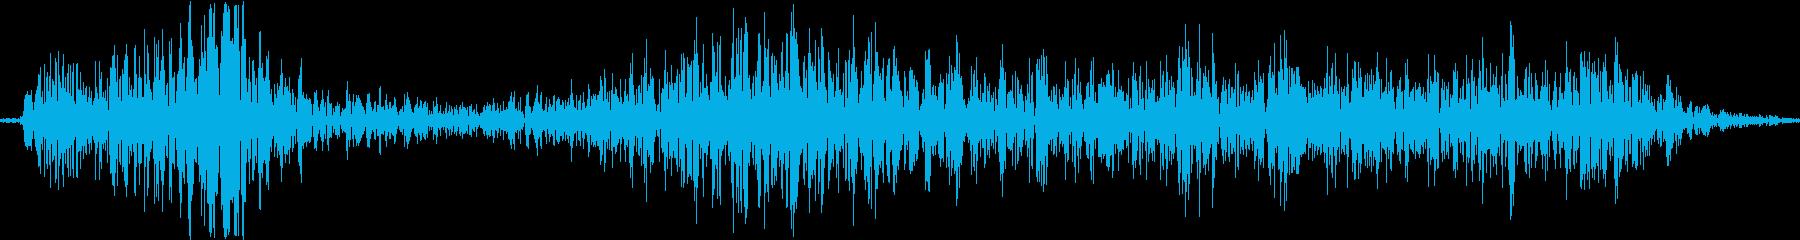 ディギシ。殴る音の再生済みの波形